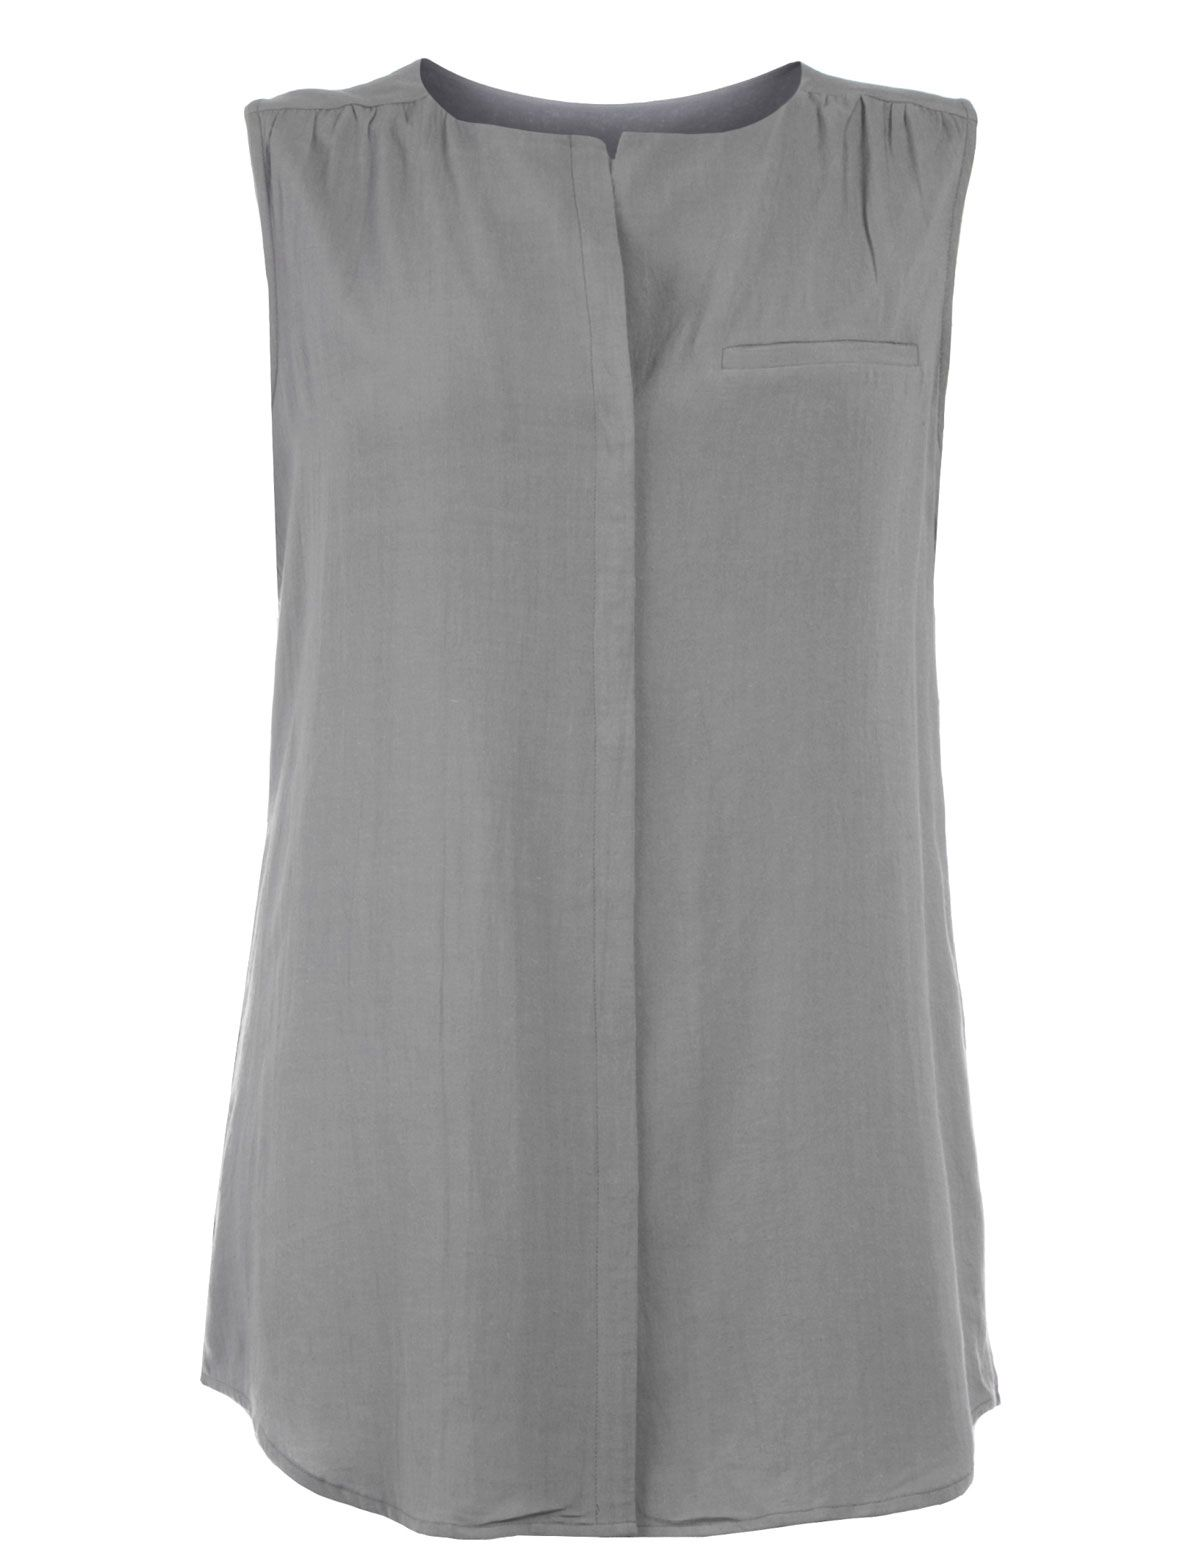 64afa9d41c5 MANON BAPTISTE - Linen-blend sleeveless blouse - navabi